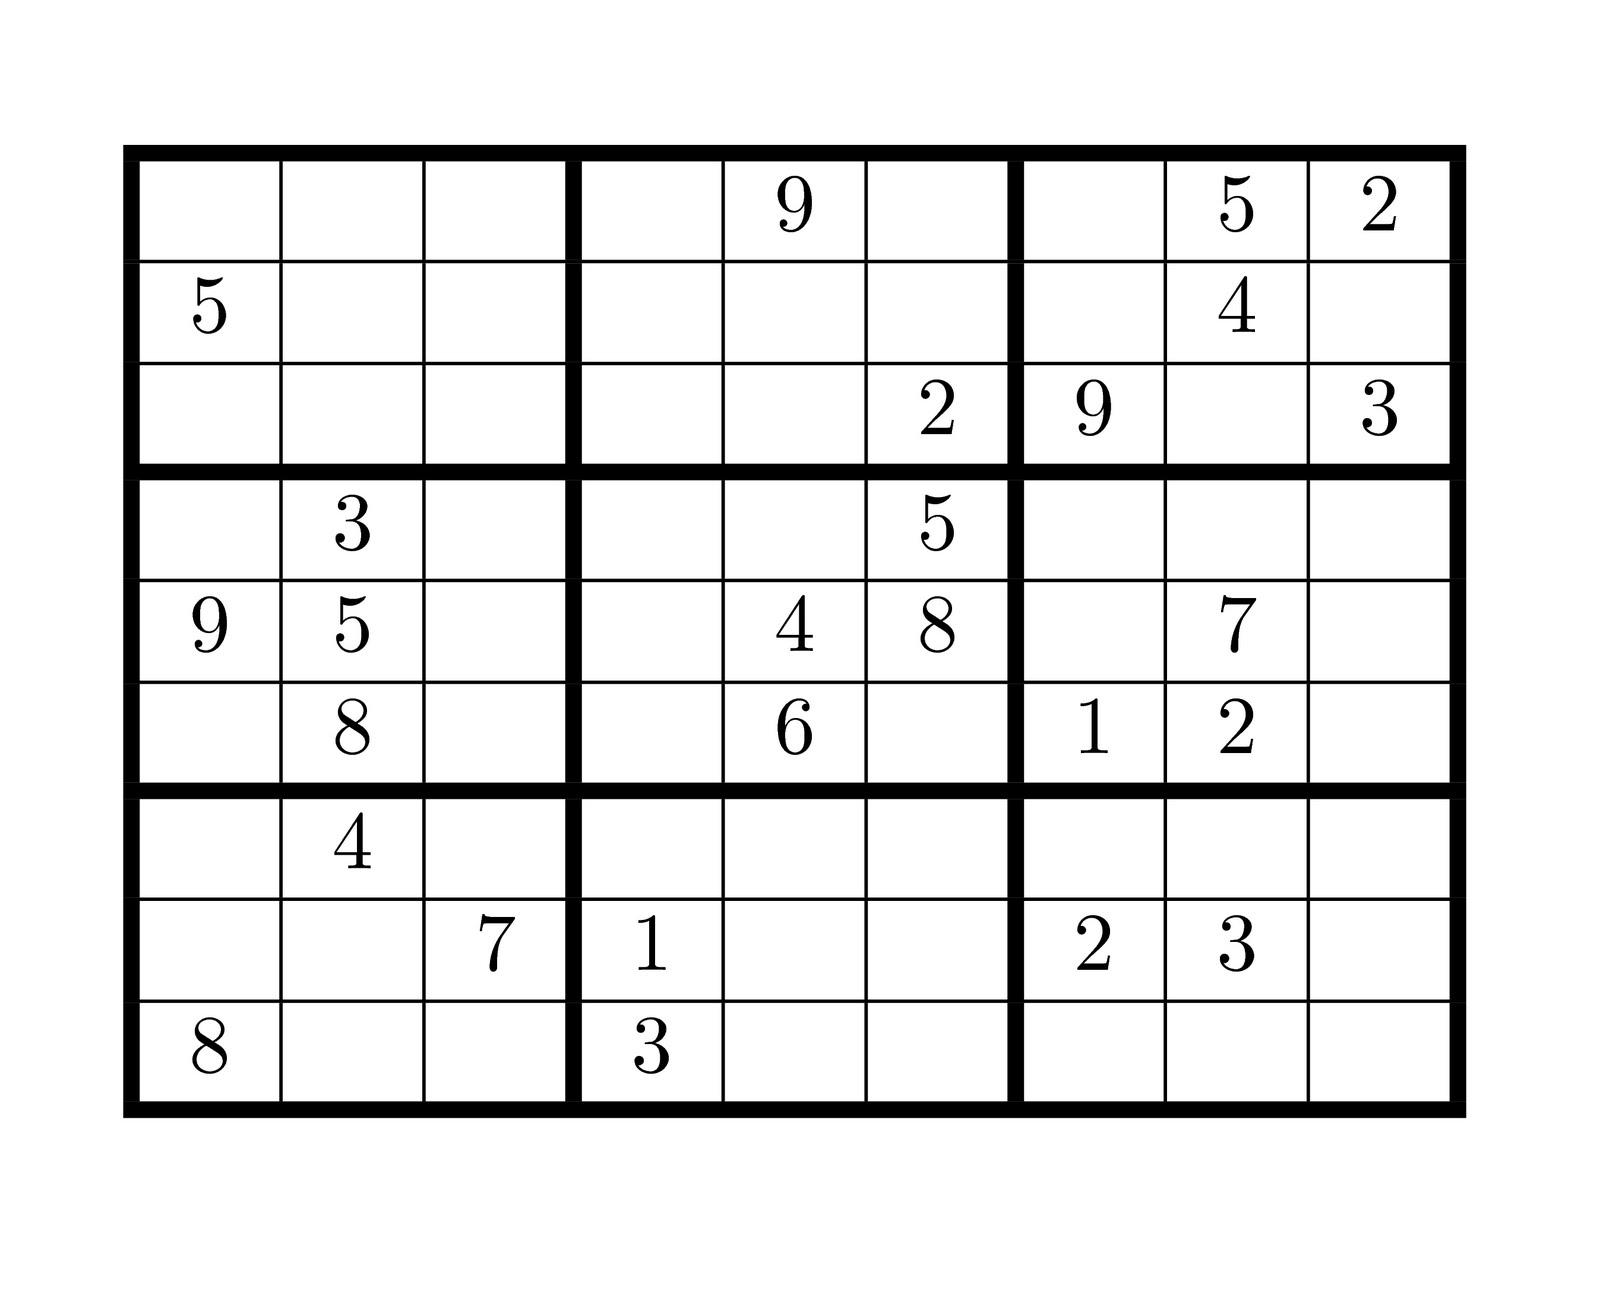 Sudoku Blank Board